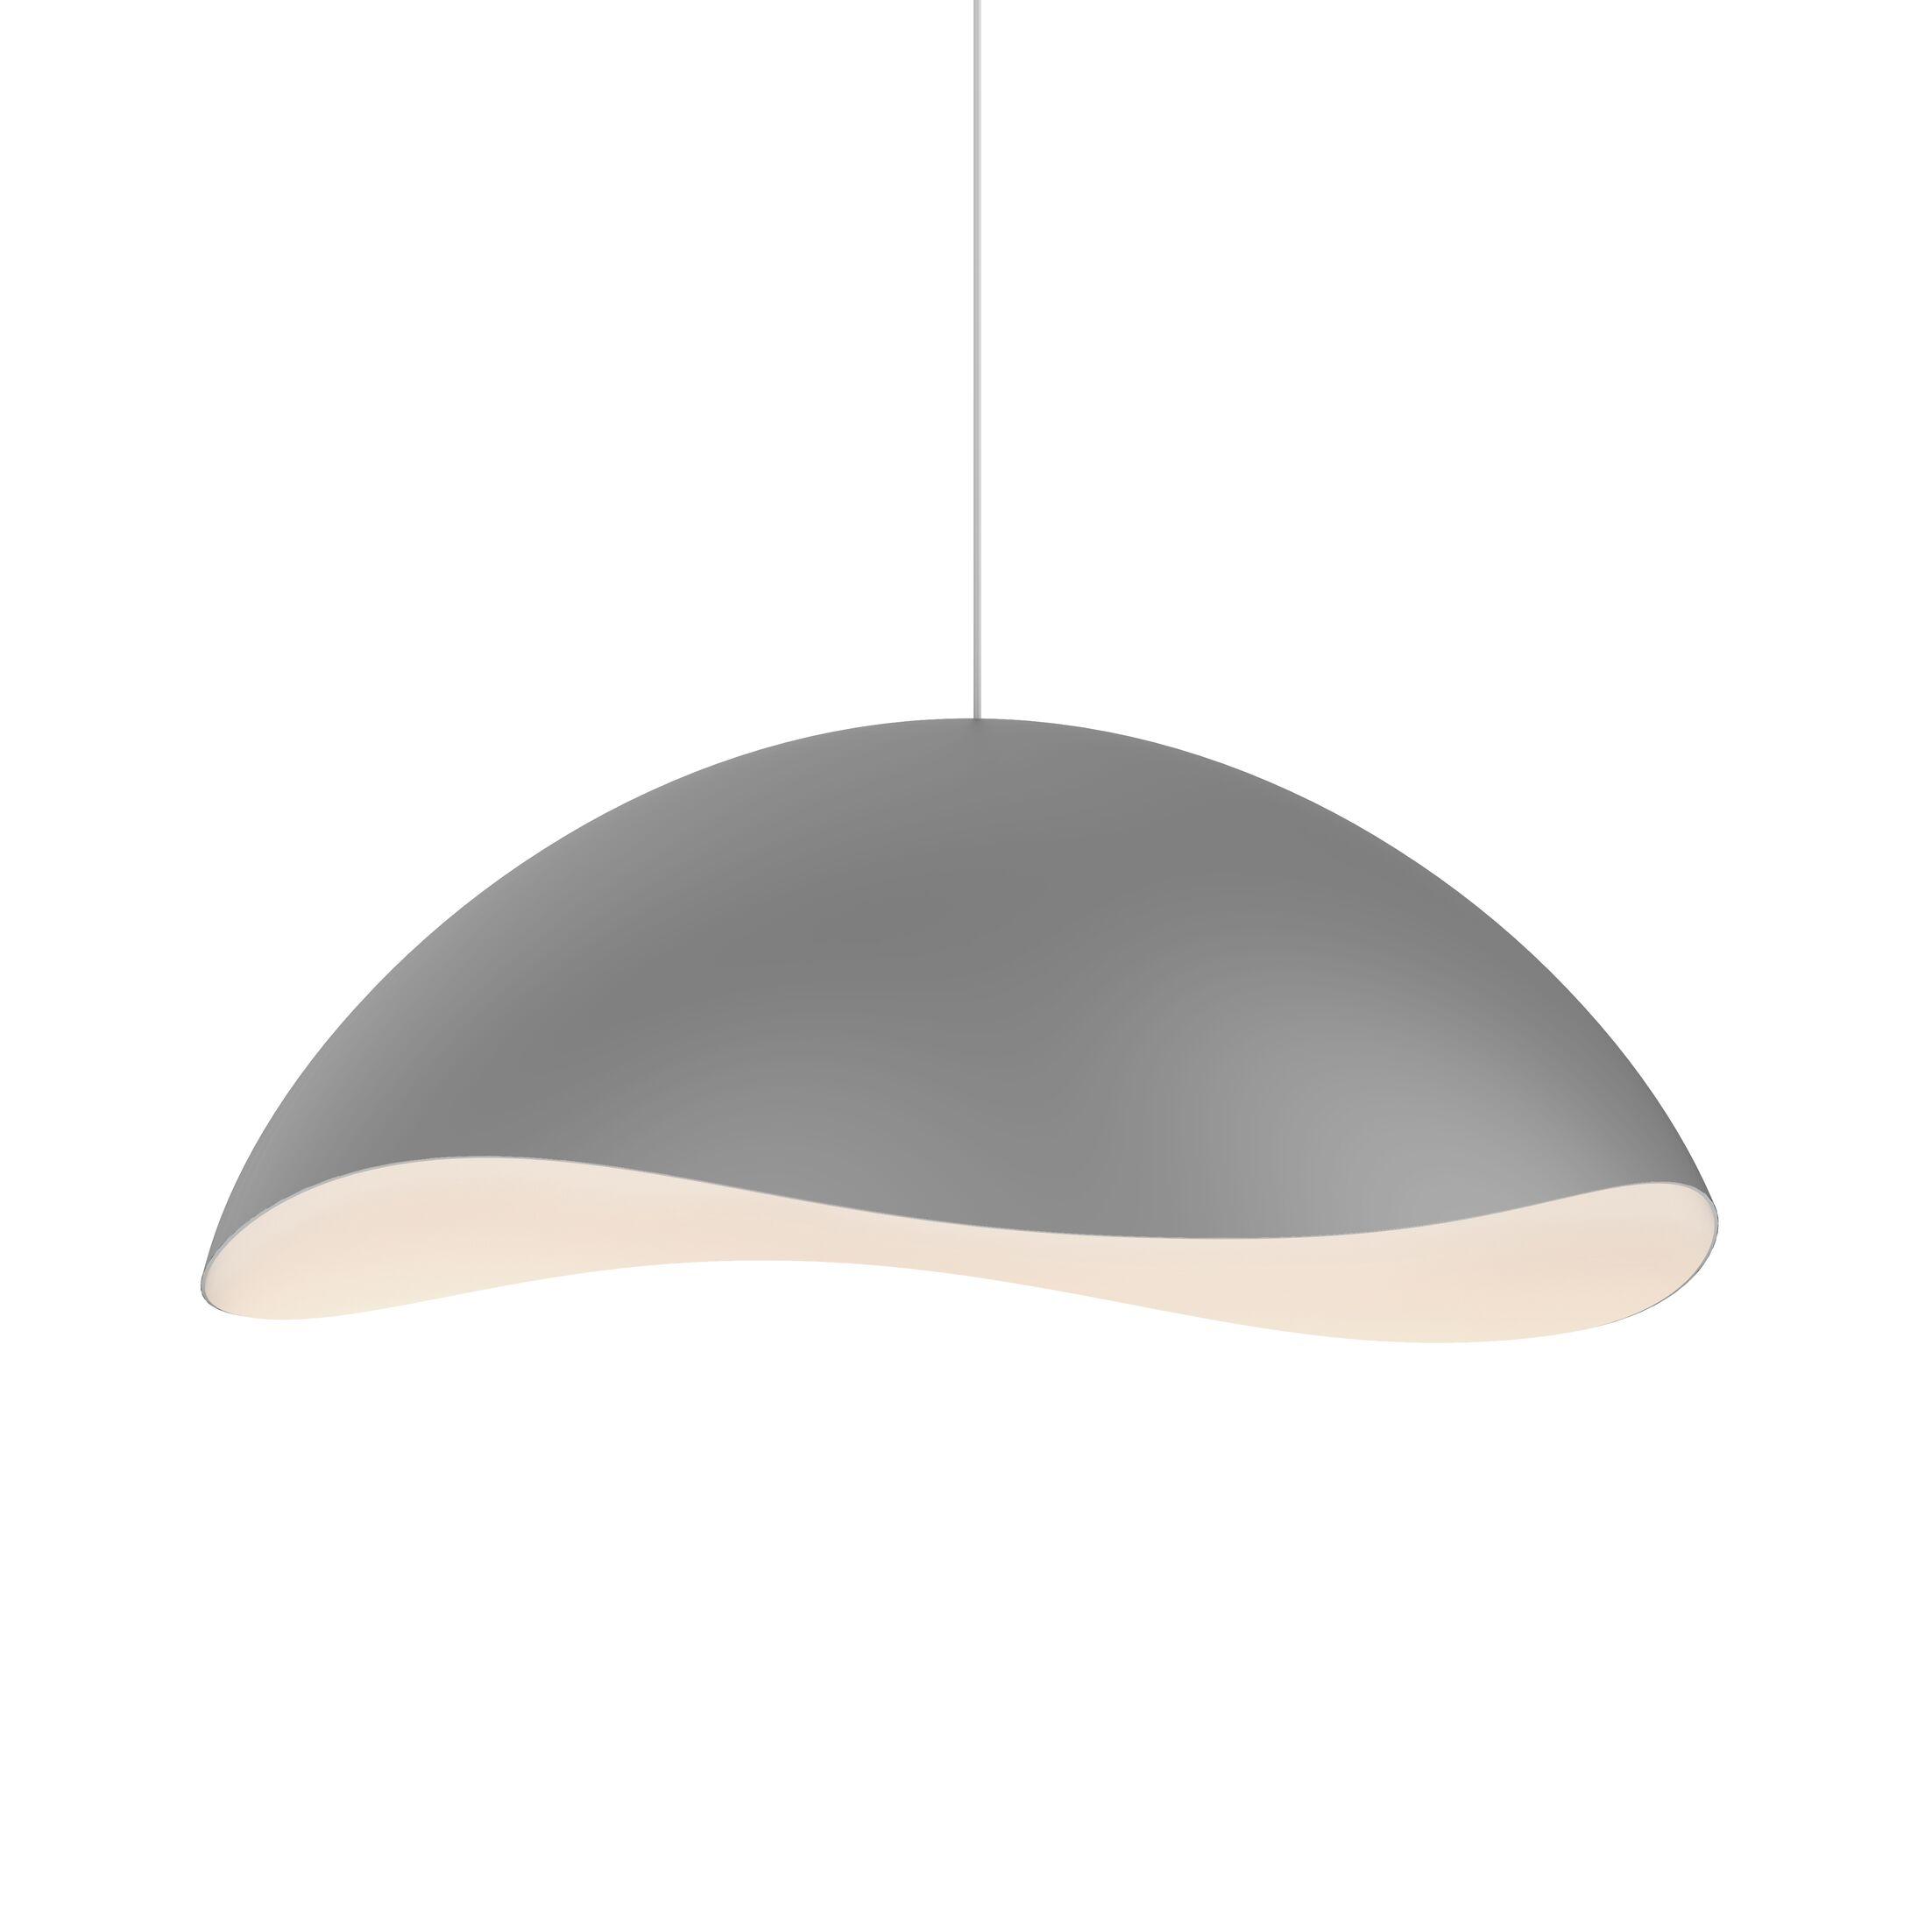 Frazier 1-Light  LED  Pendant Finish: Dove Gray/White